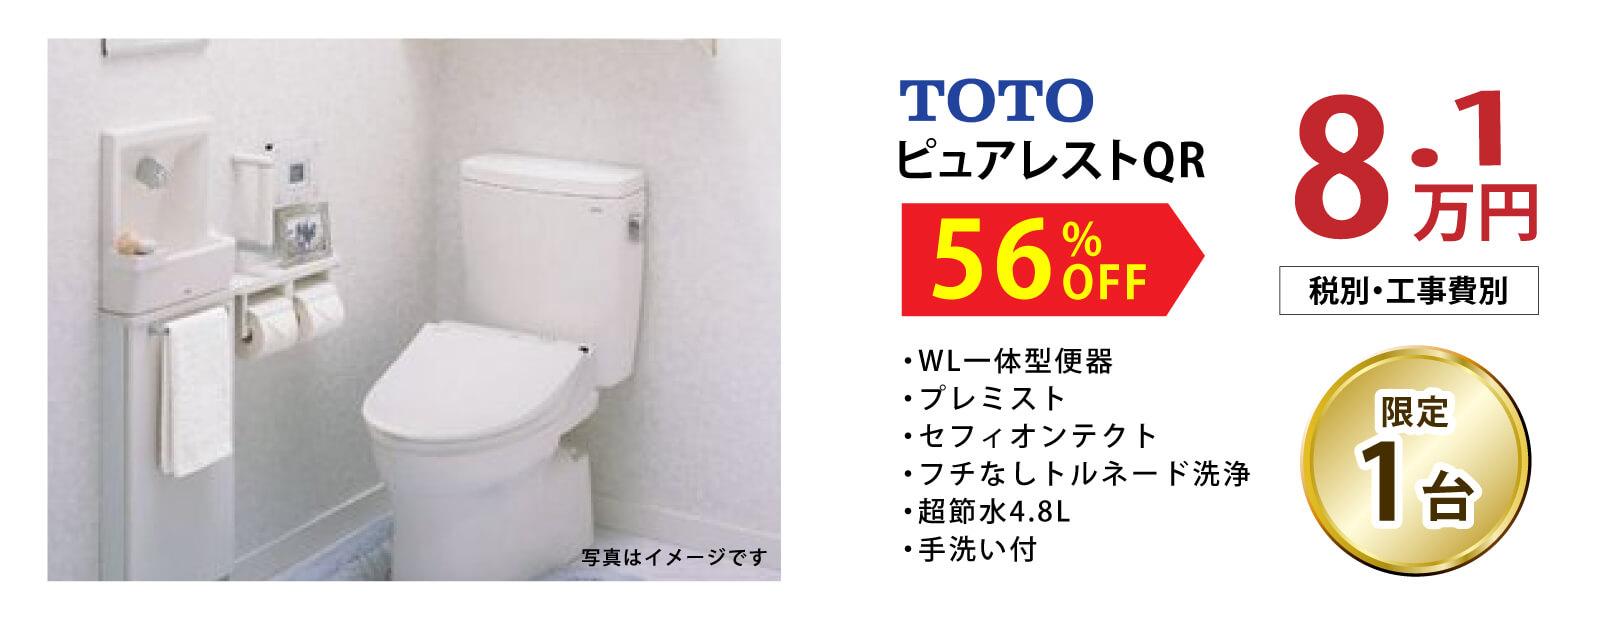 TOTO ピュアレストQR 56%OFF